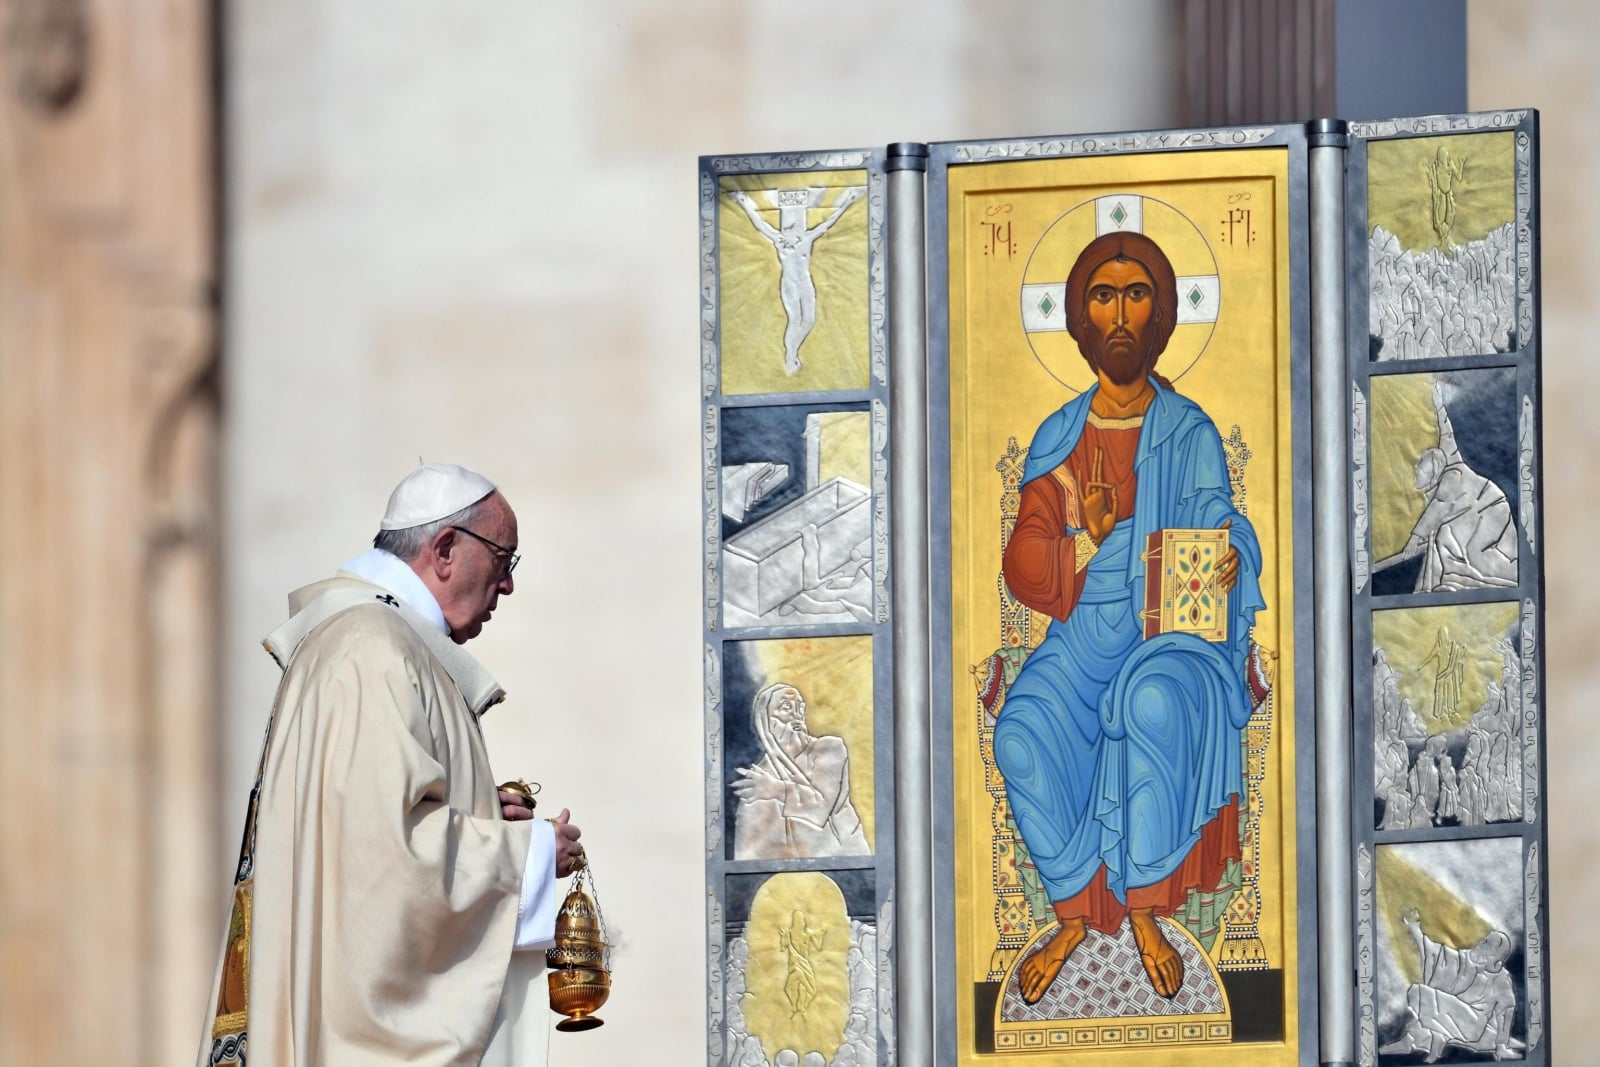 Papież Franciszek w Watykanie, fot. PAP